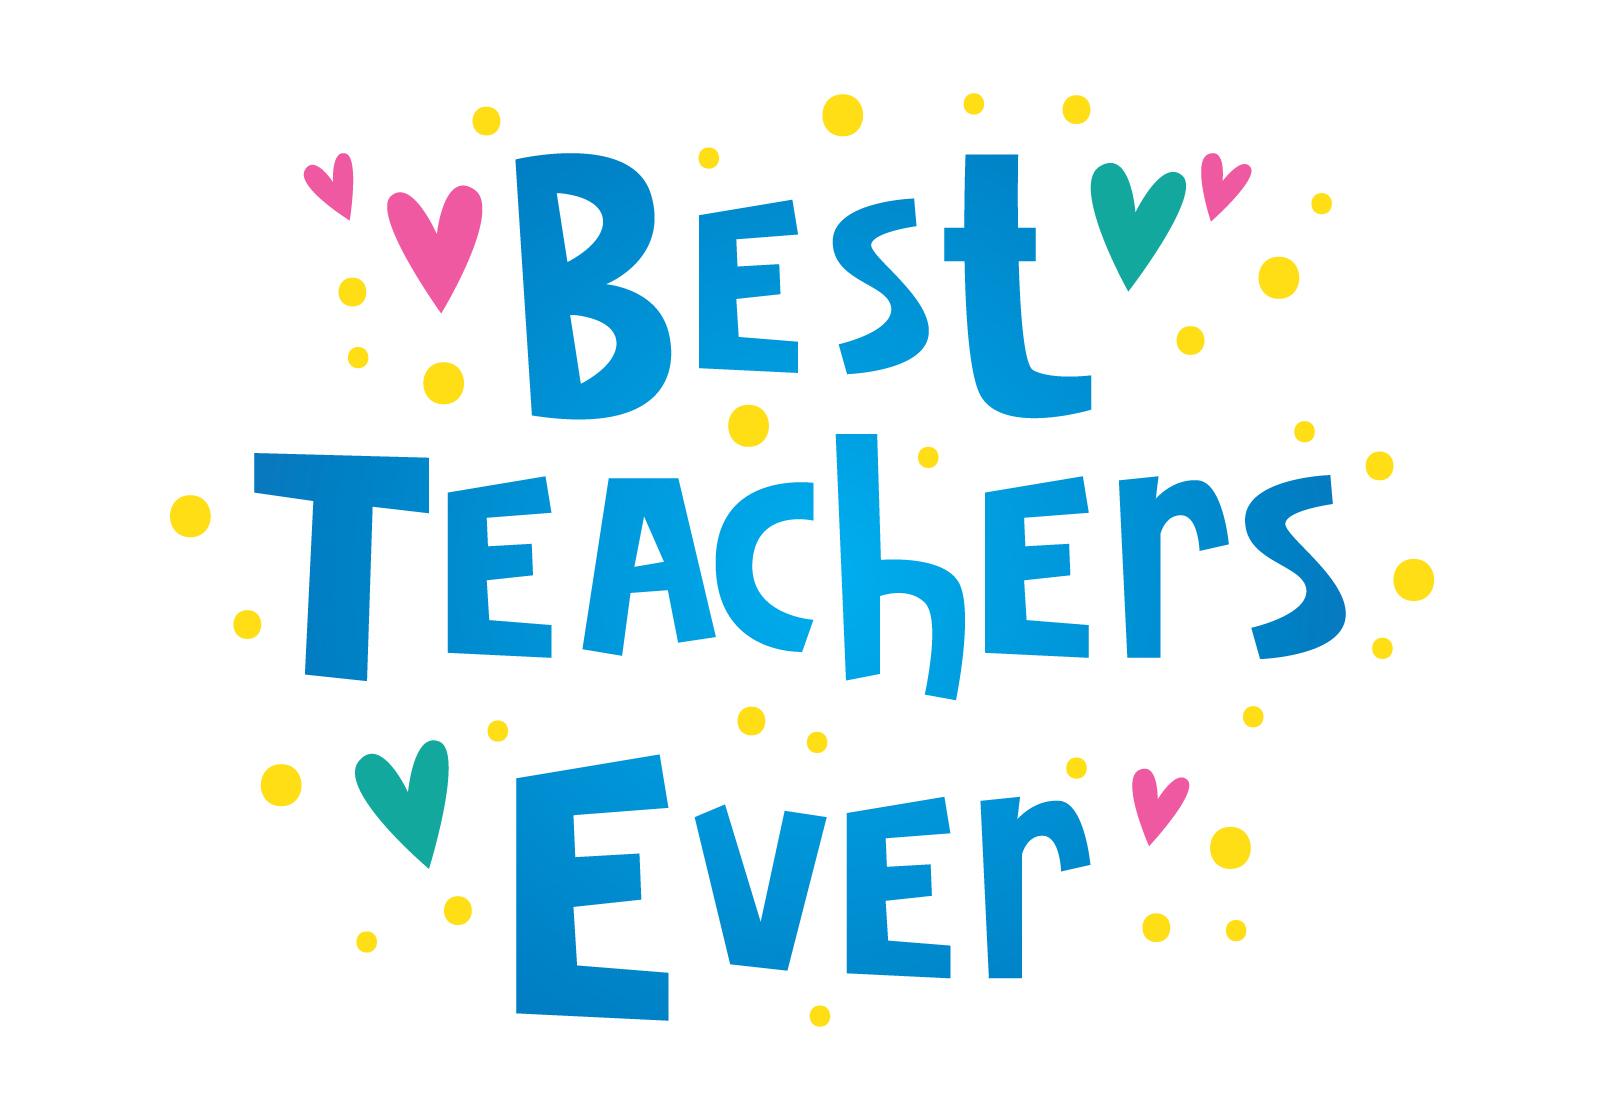 Best forex teacher in the world